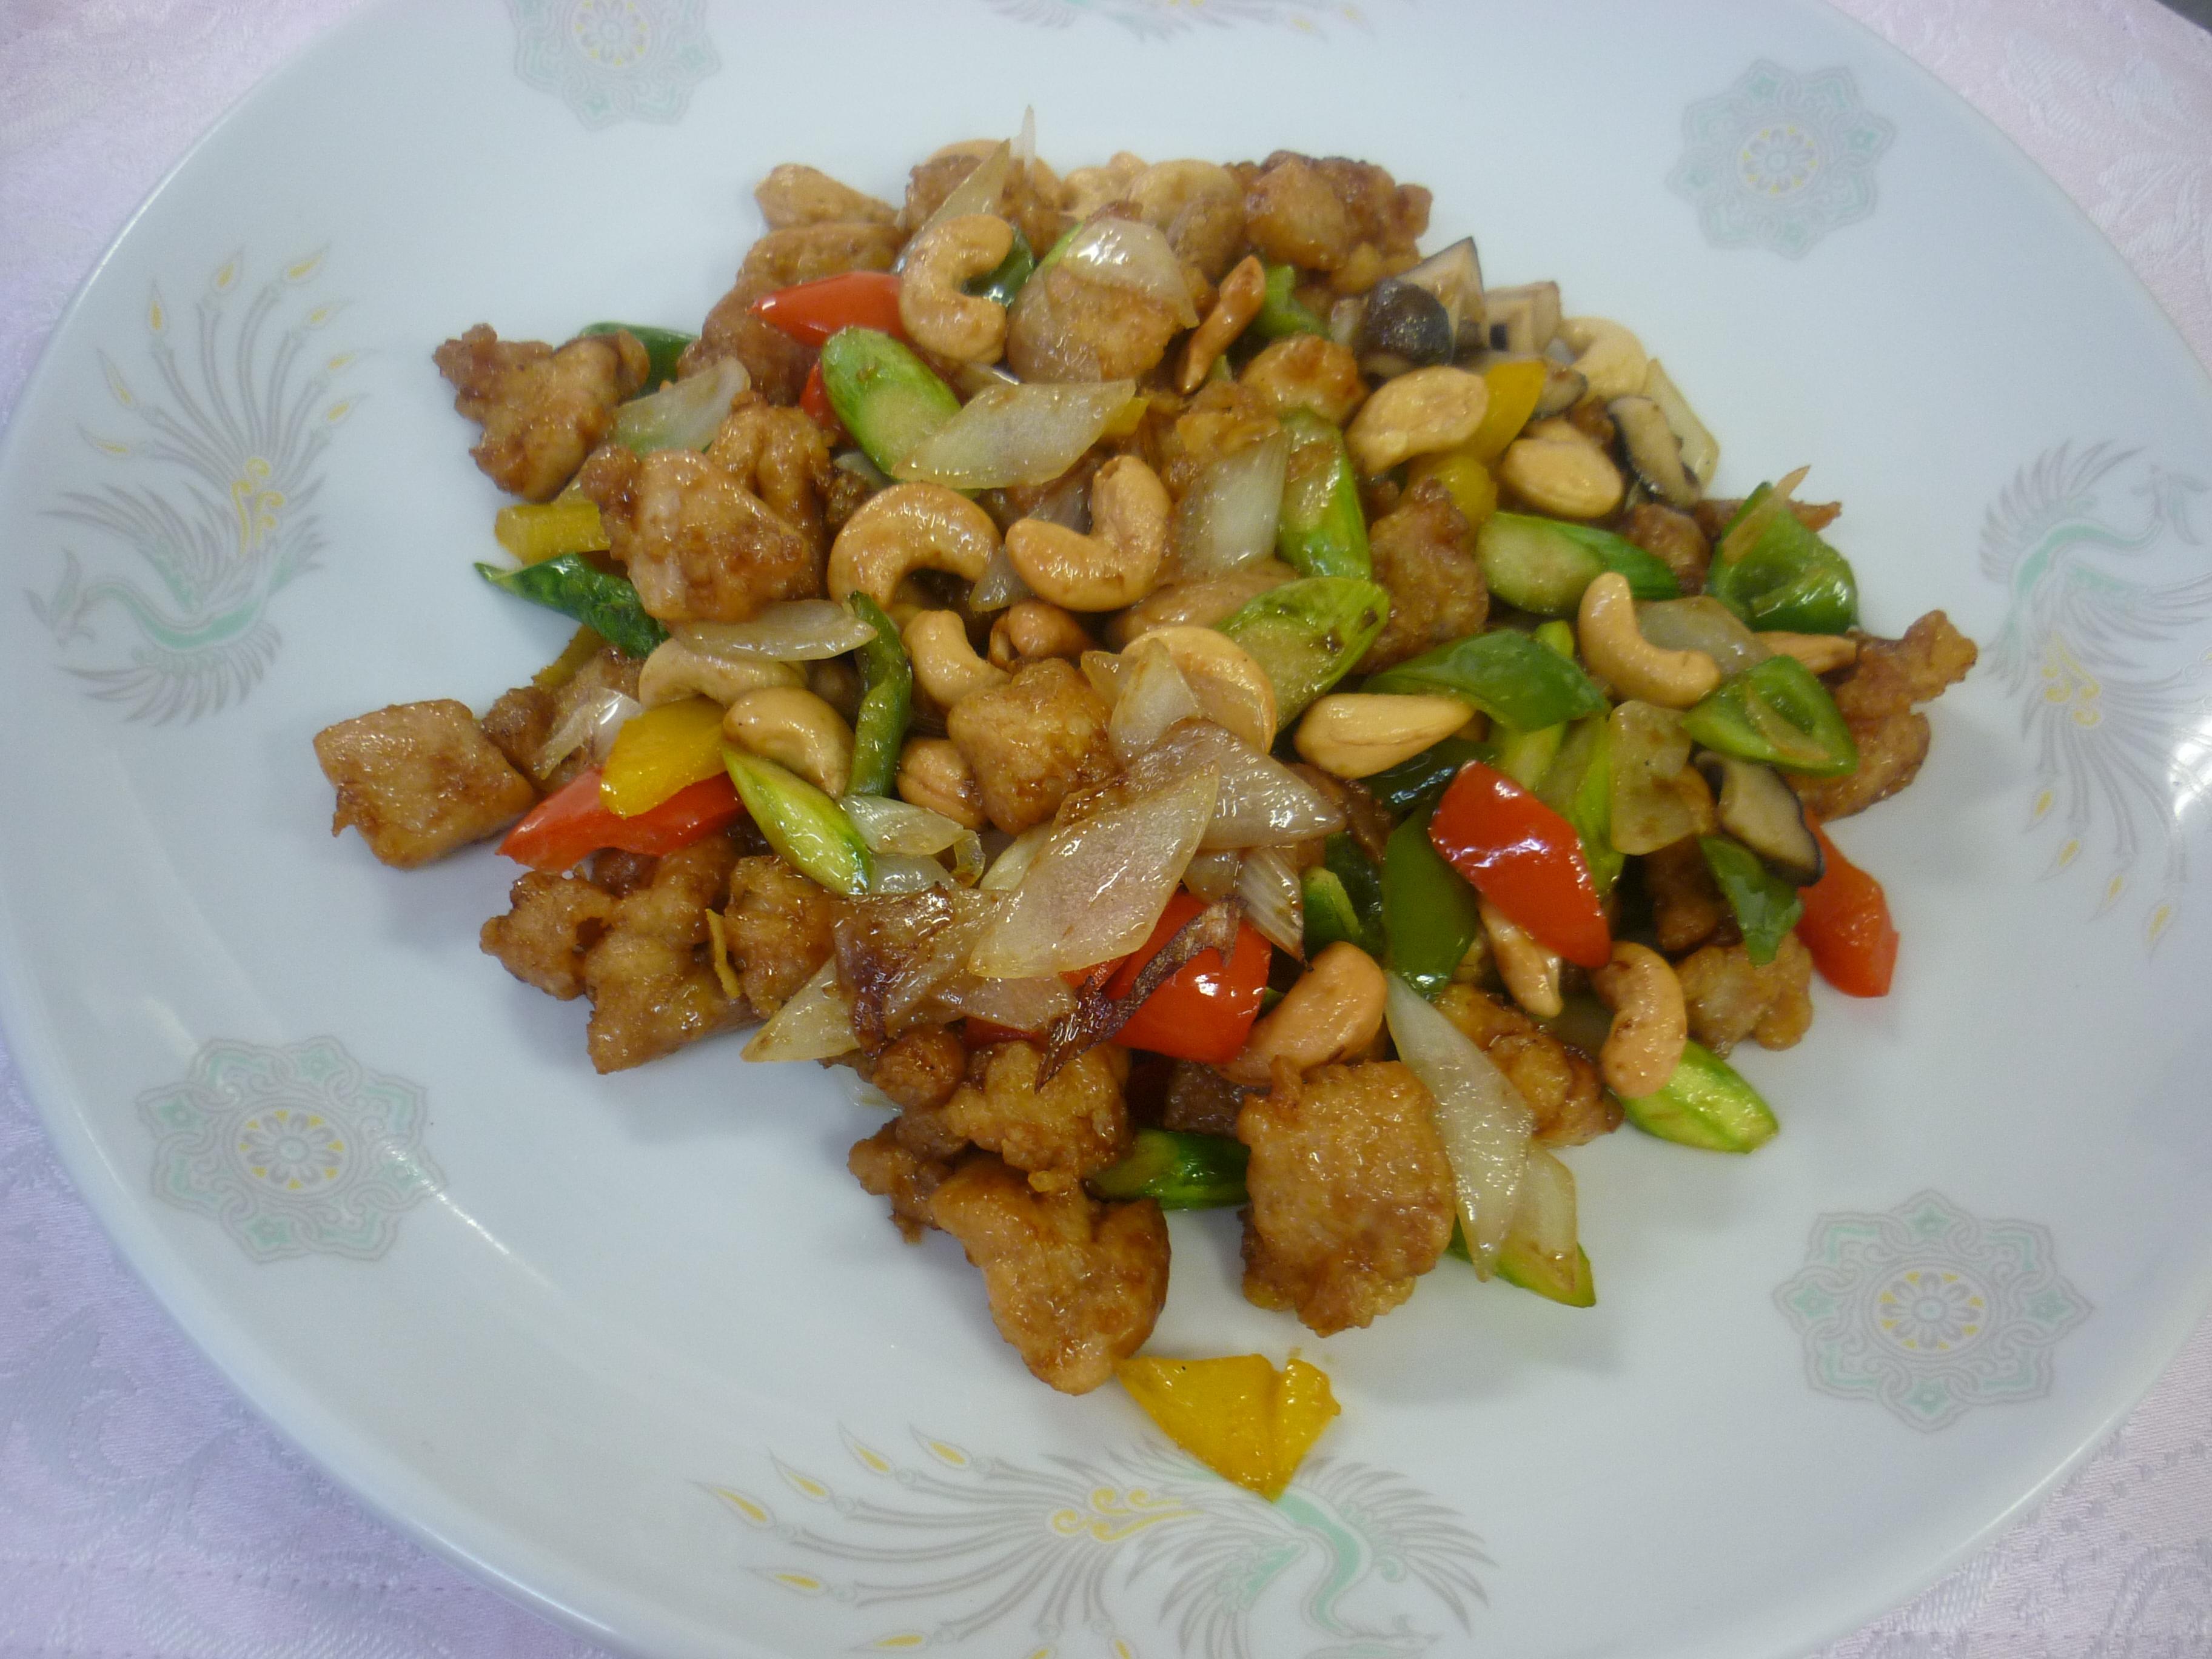 腰果炒鶏丁(鶏肉とカシューナッツの炒め物)